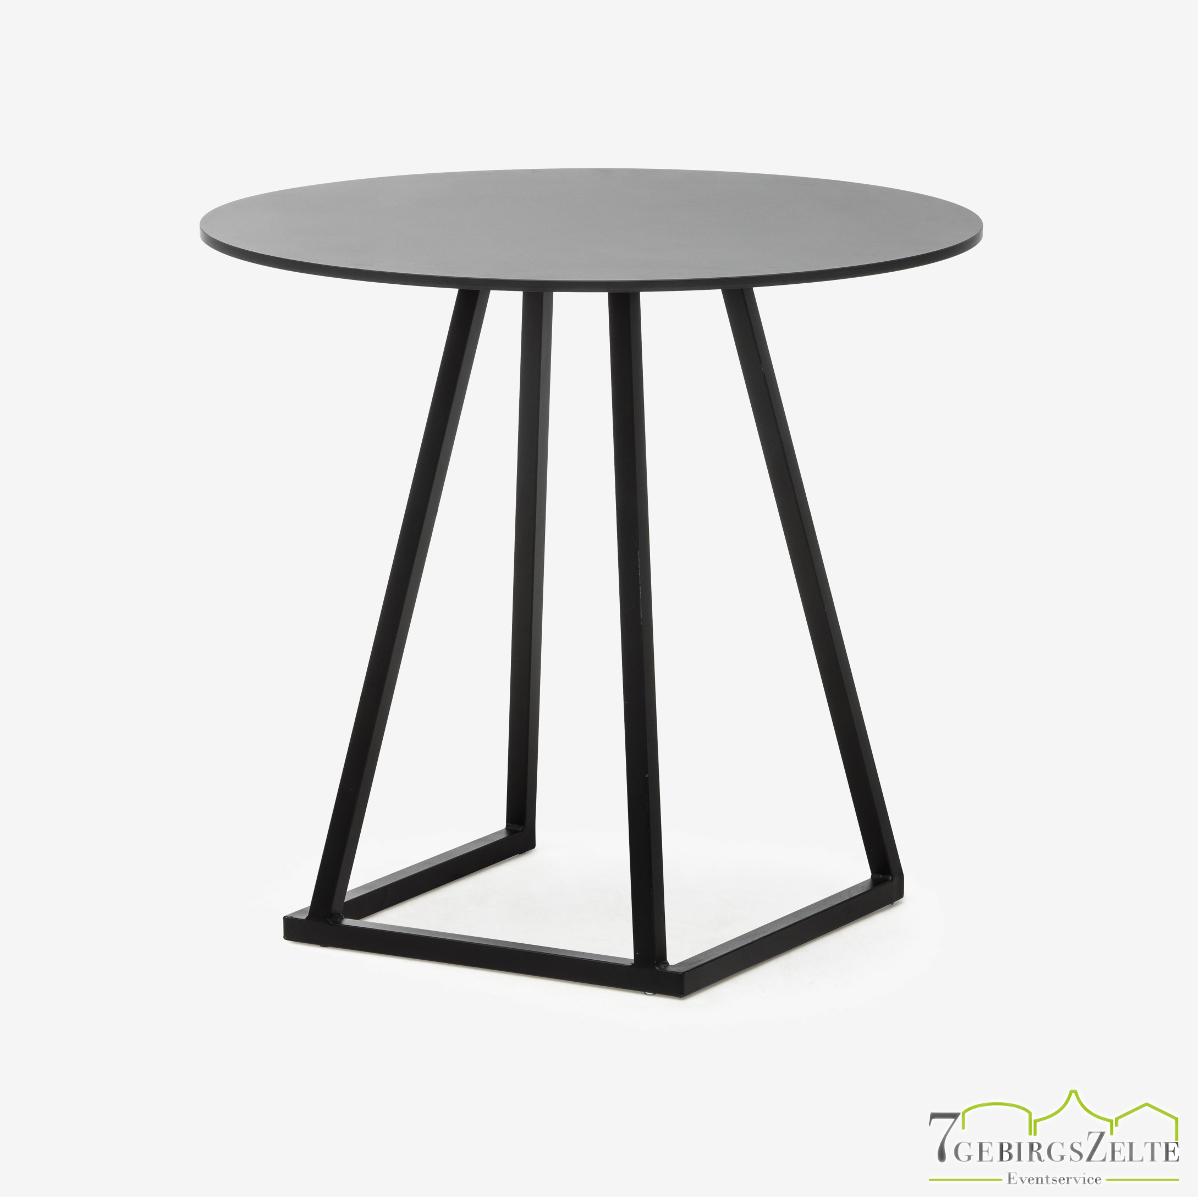 Linéa Lounge Rund 80 cm - Aluminium schwarz  - Tischplatte melamine schwarz